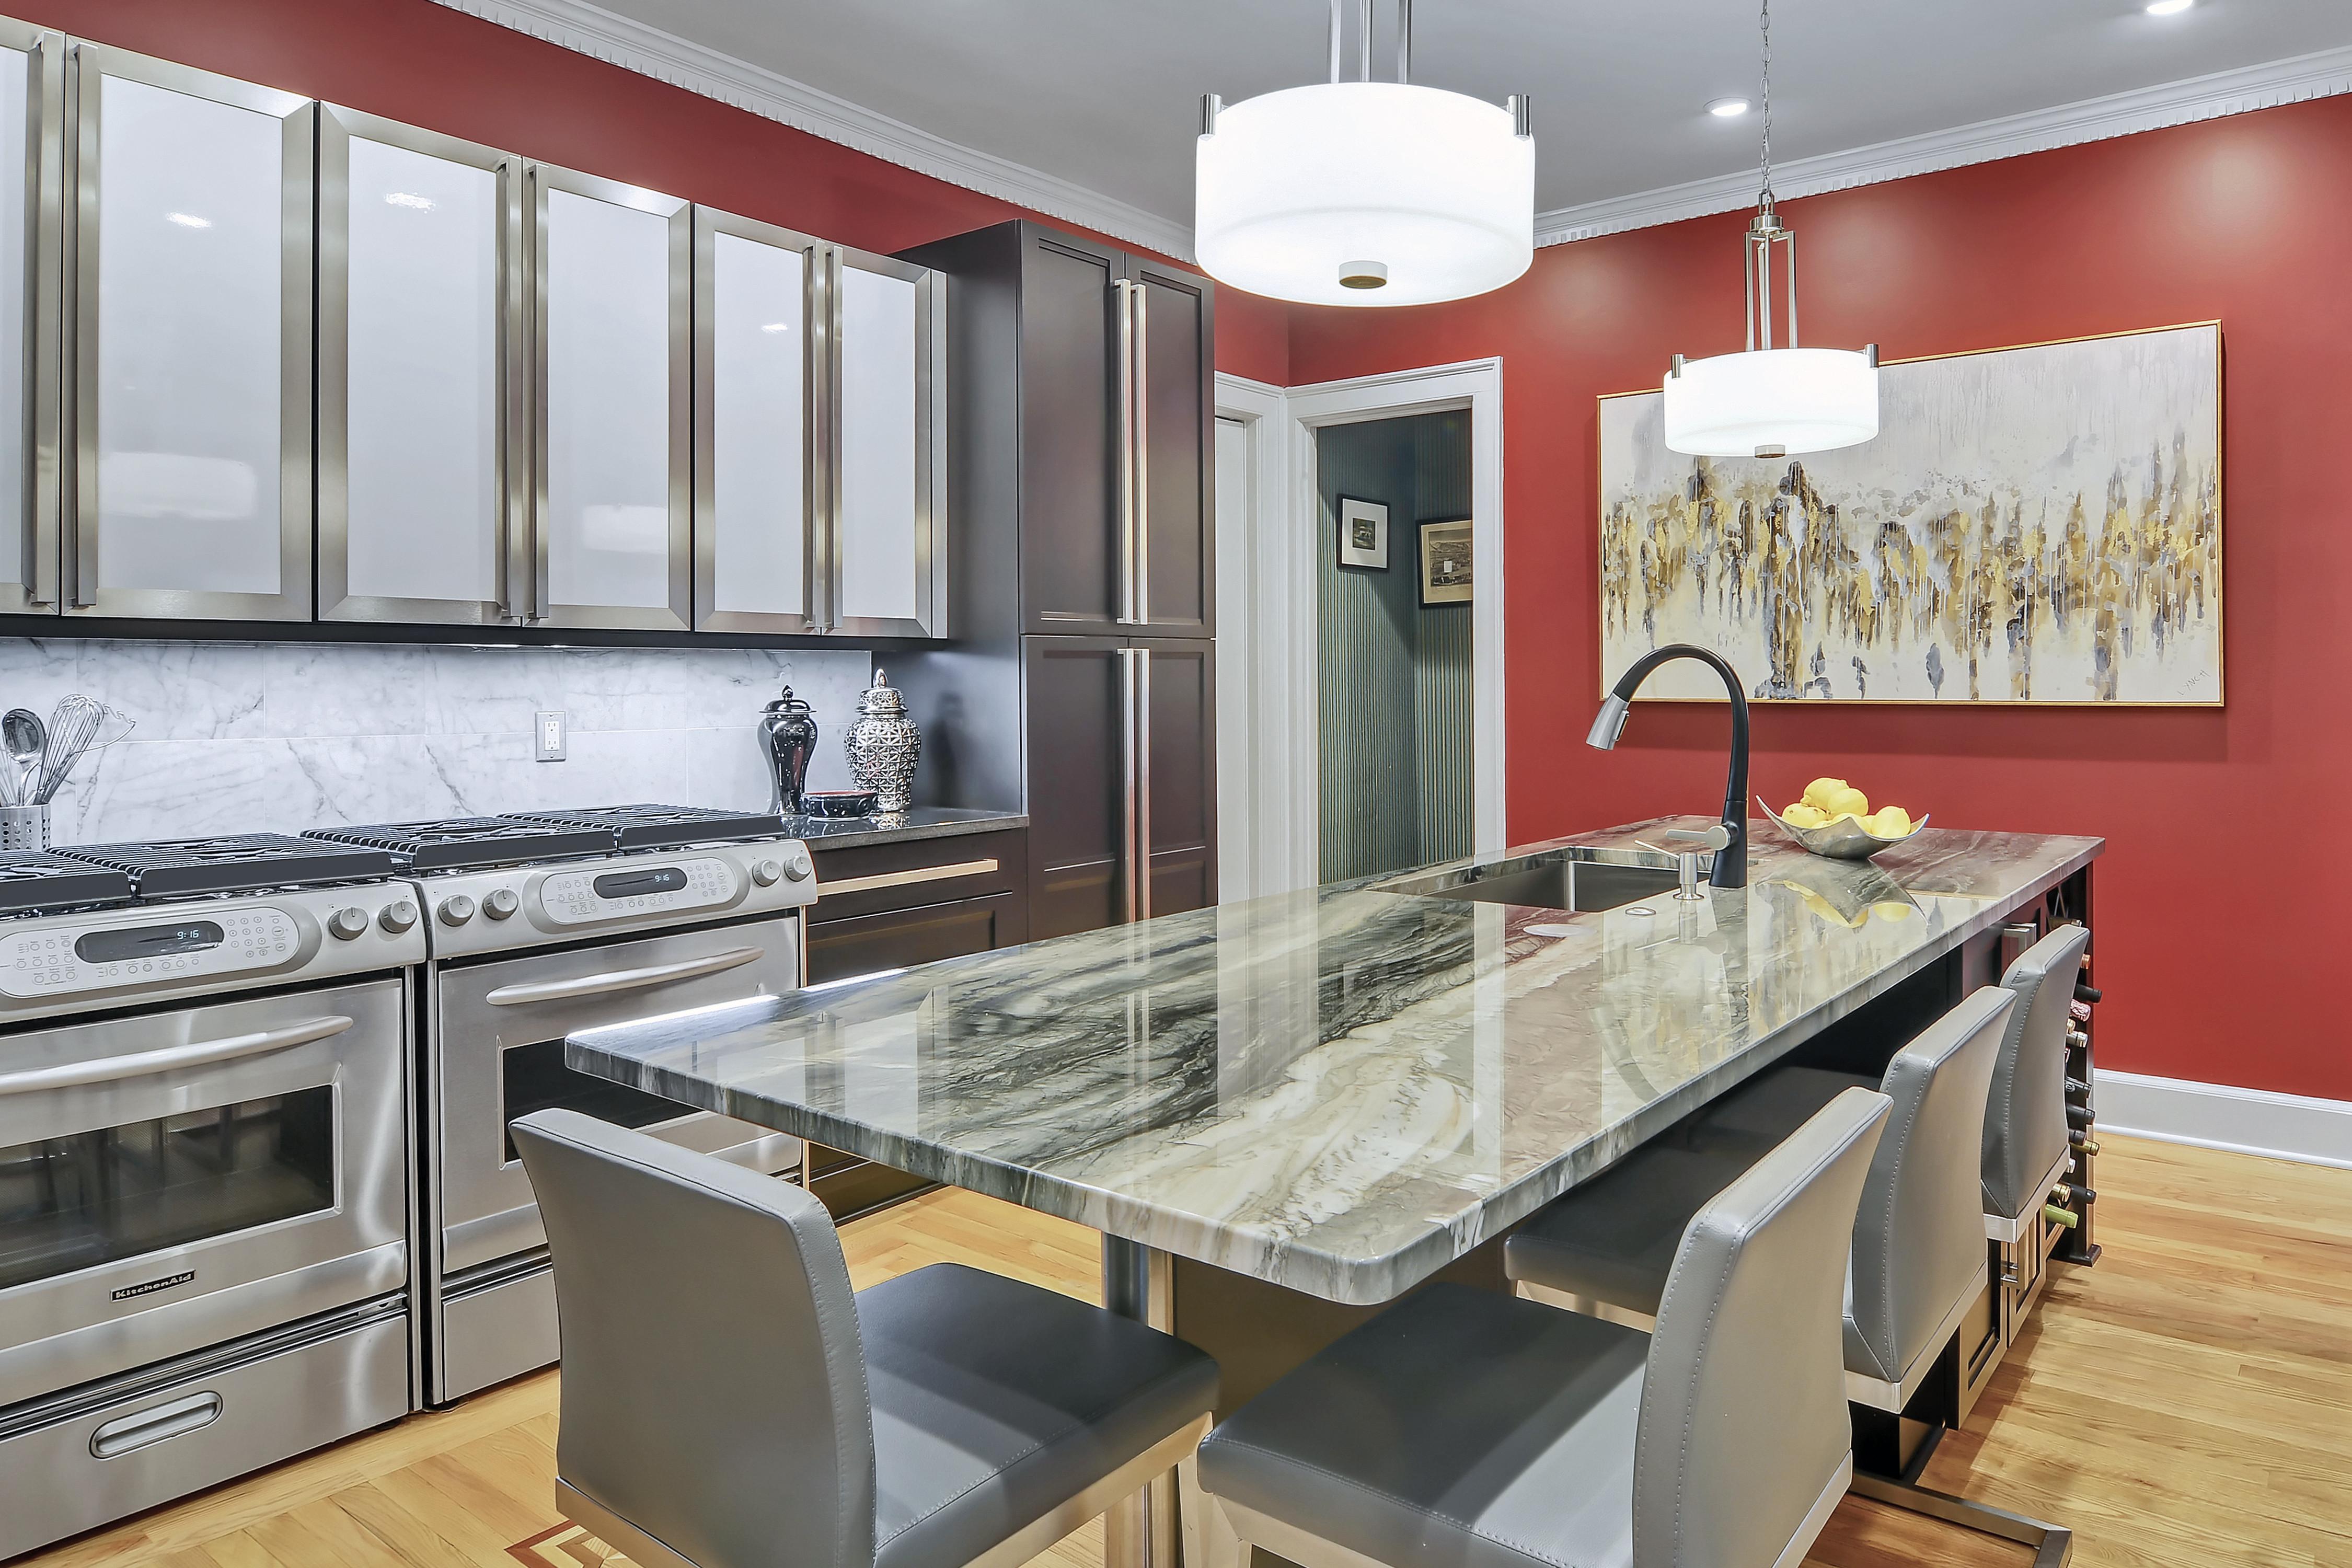 Kitchen or bath Design